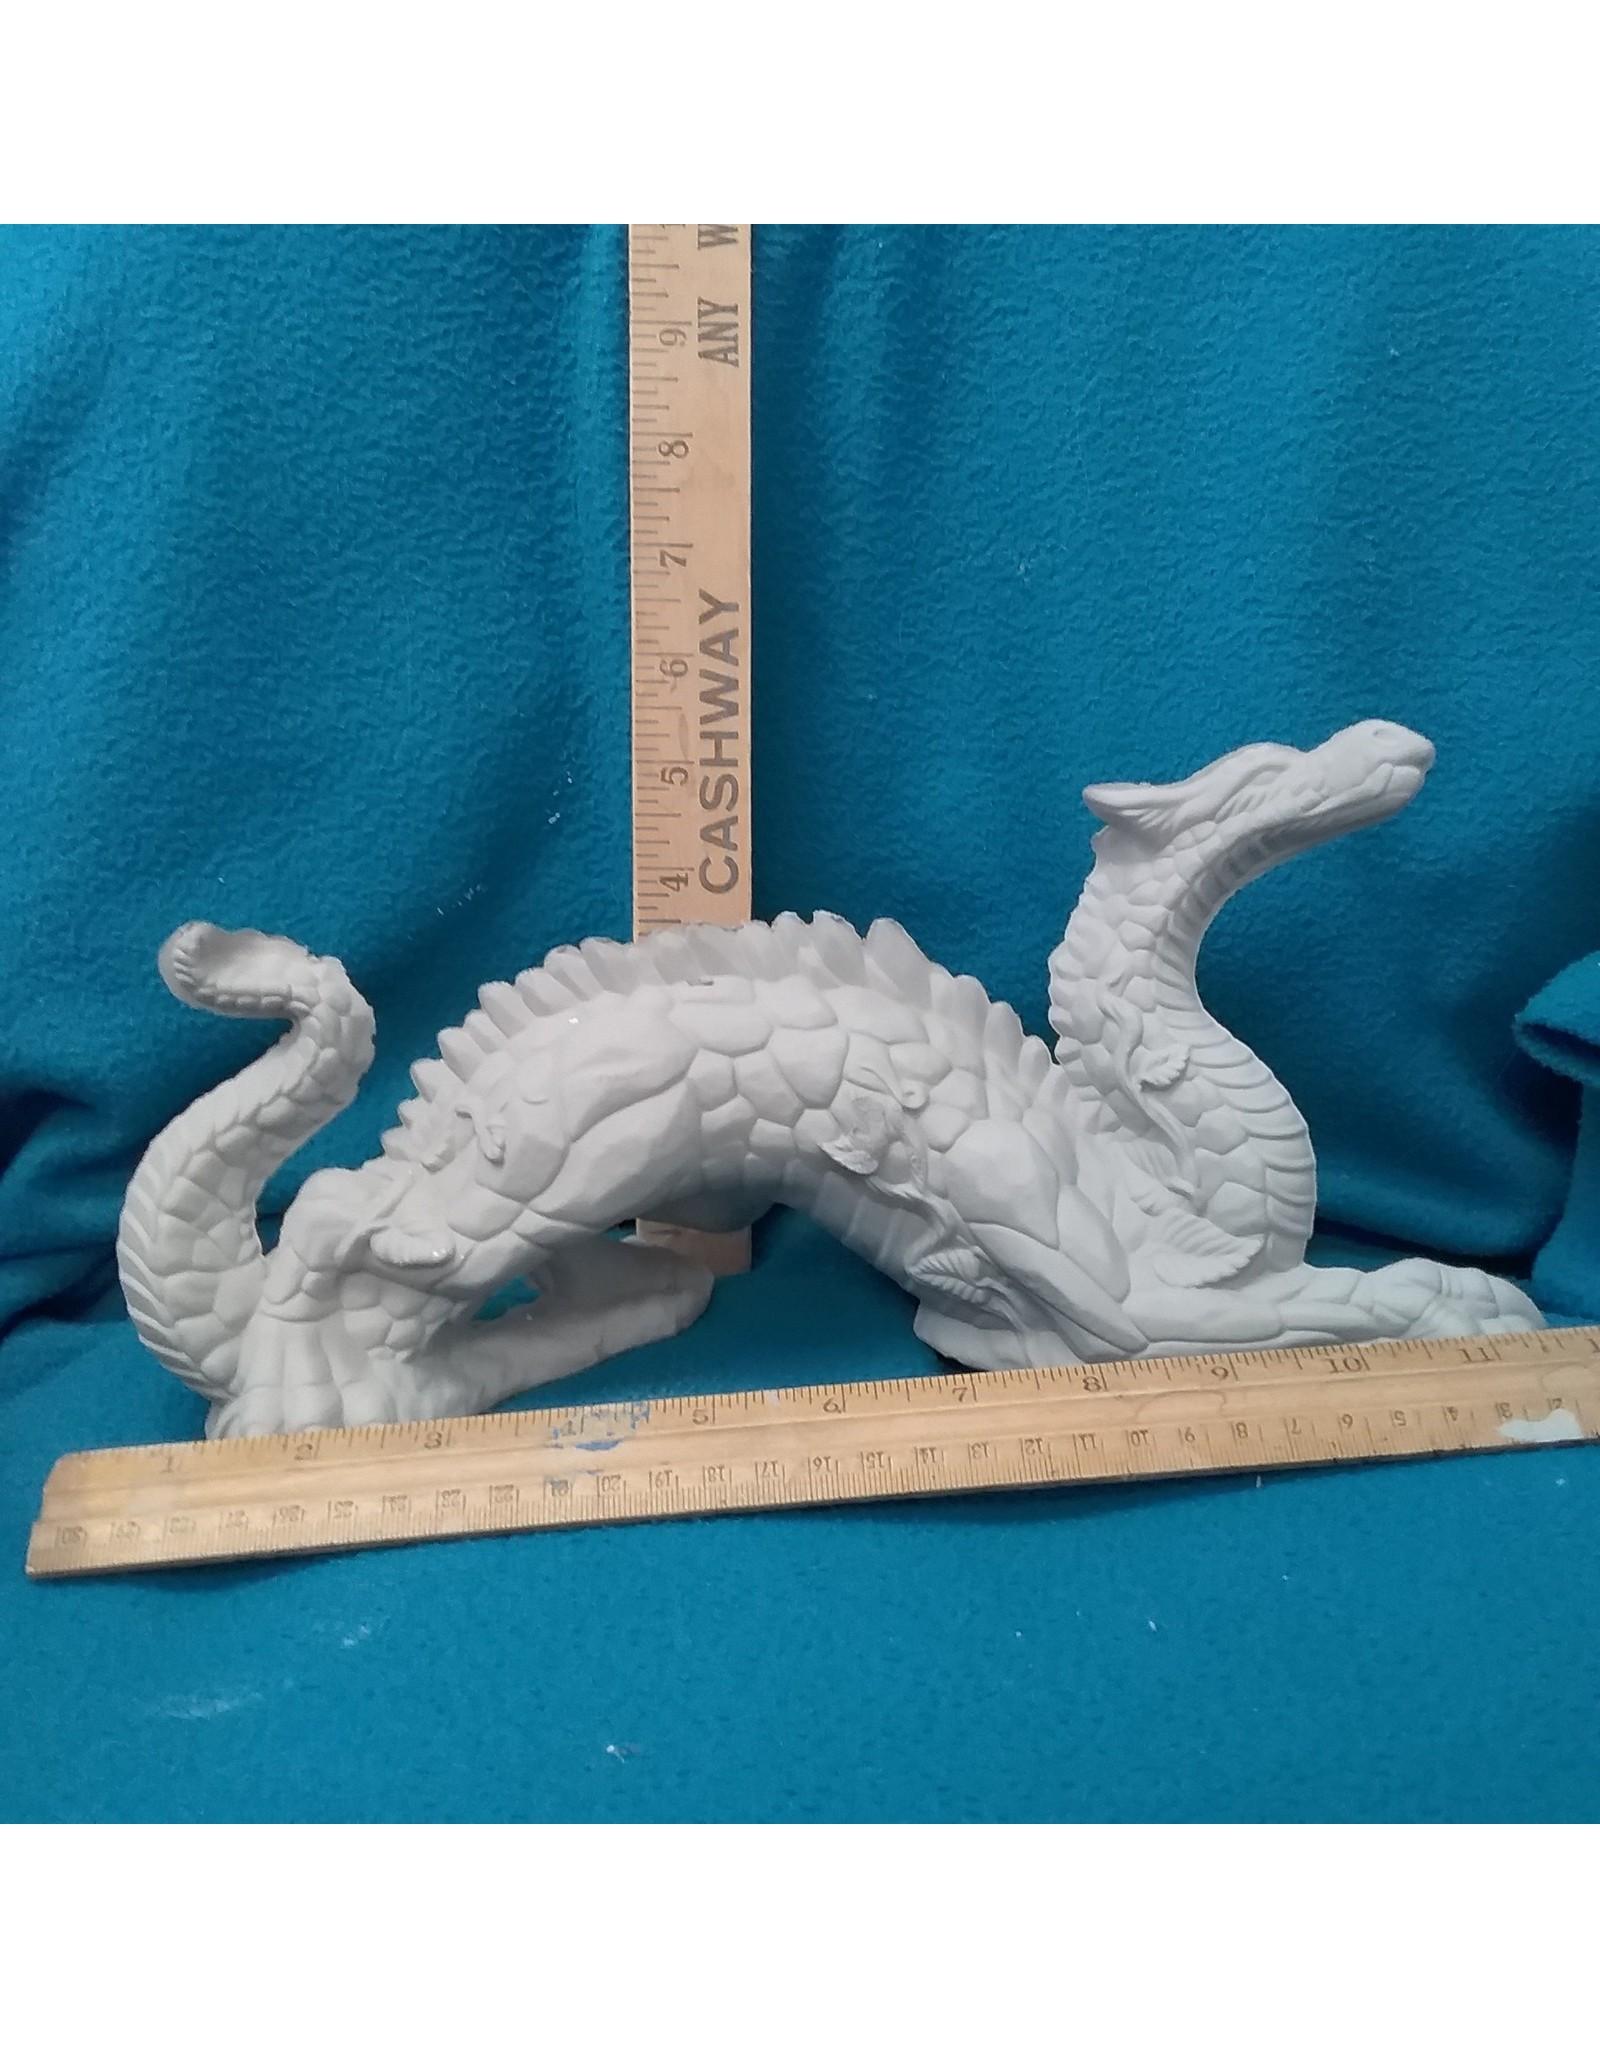 ART KIT Art Kit: Ceramic Dragon #2